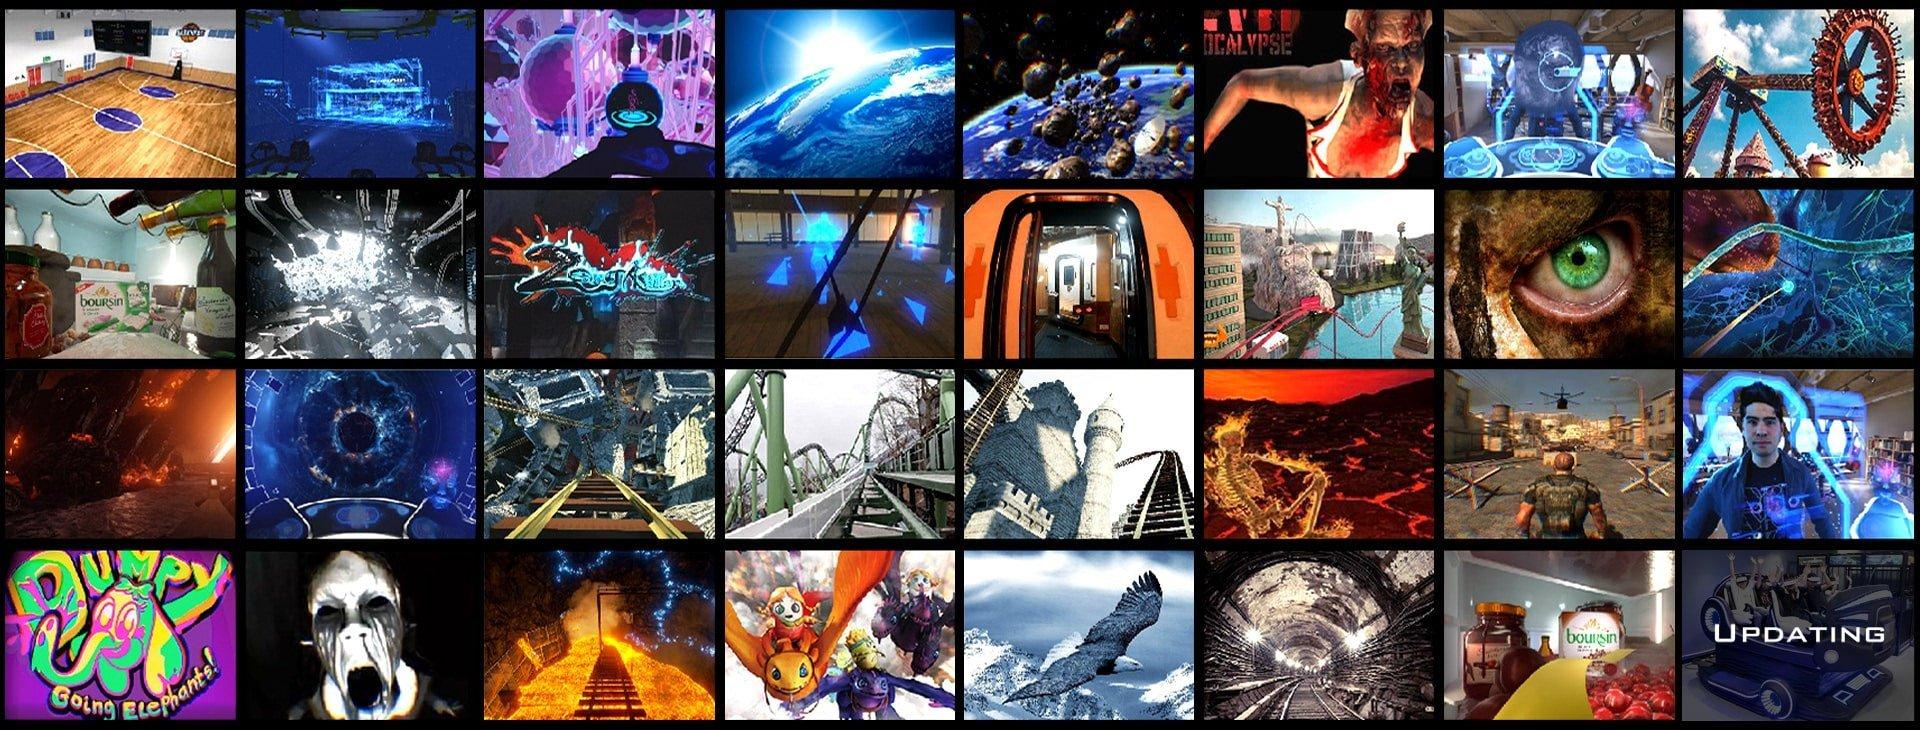 VR Games of 9D VR Cinema